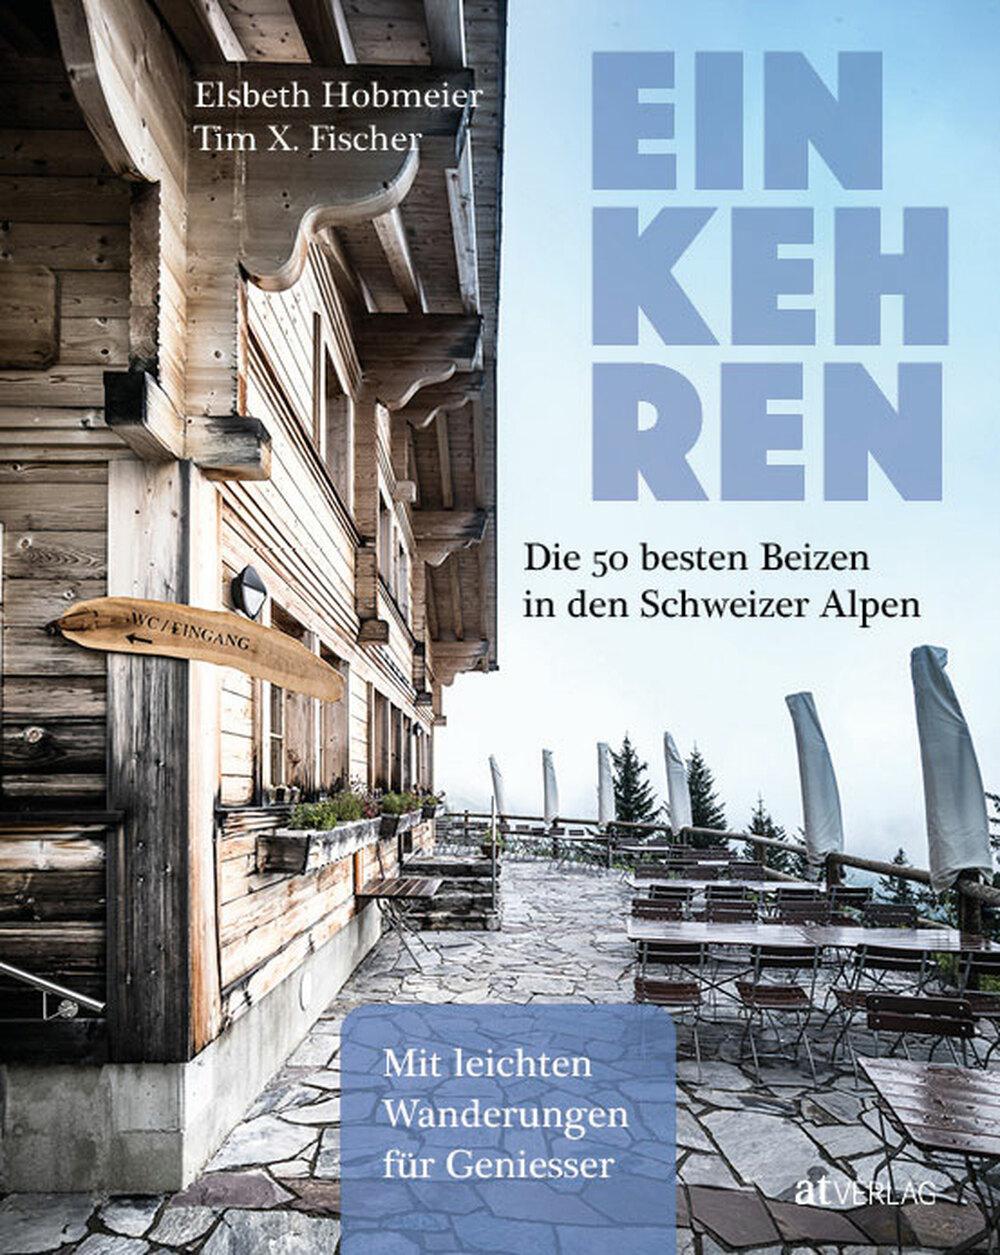 «Einkehren. Die 50 besten Beizen in den Schweizer Alpen»